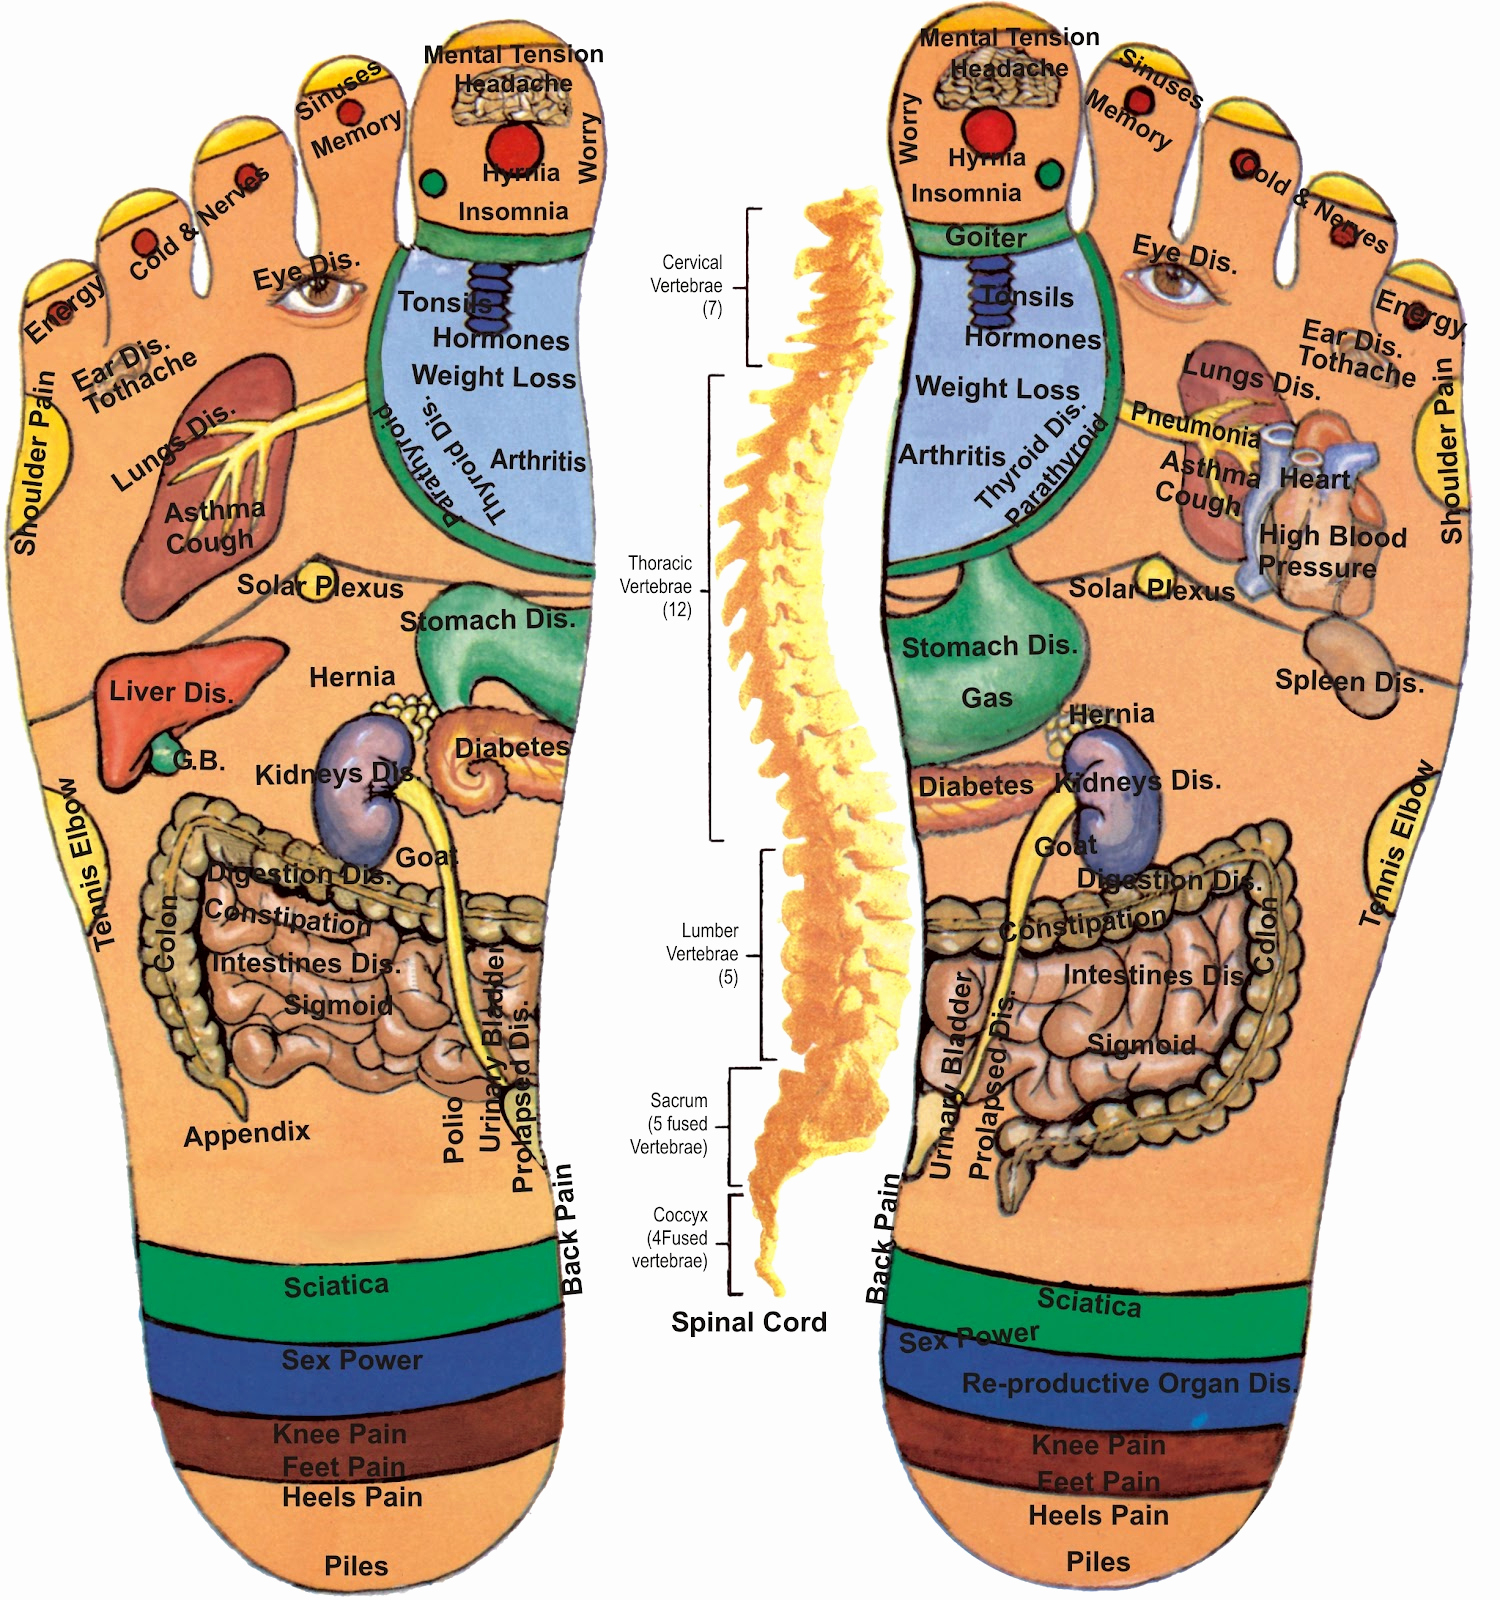 Foot Reflexology Diagram Foot Reflexology Chart Right Foot Inspirational Acupressure